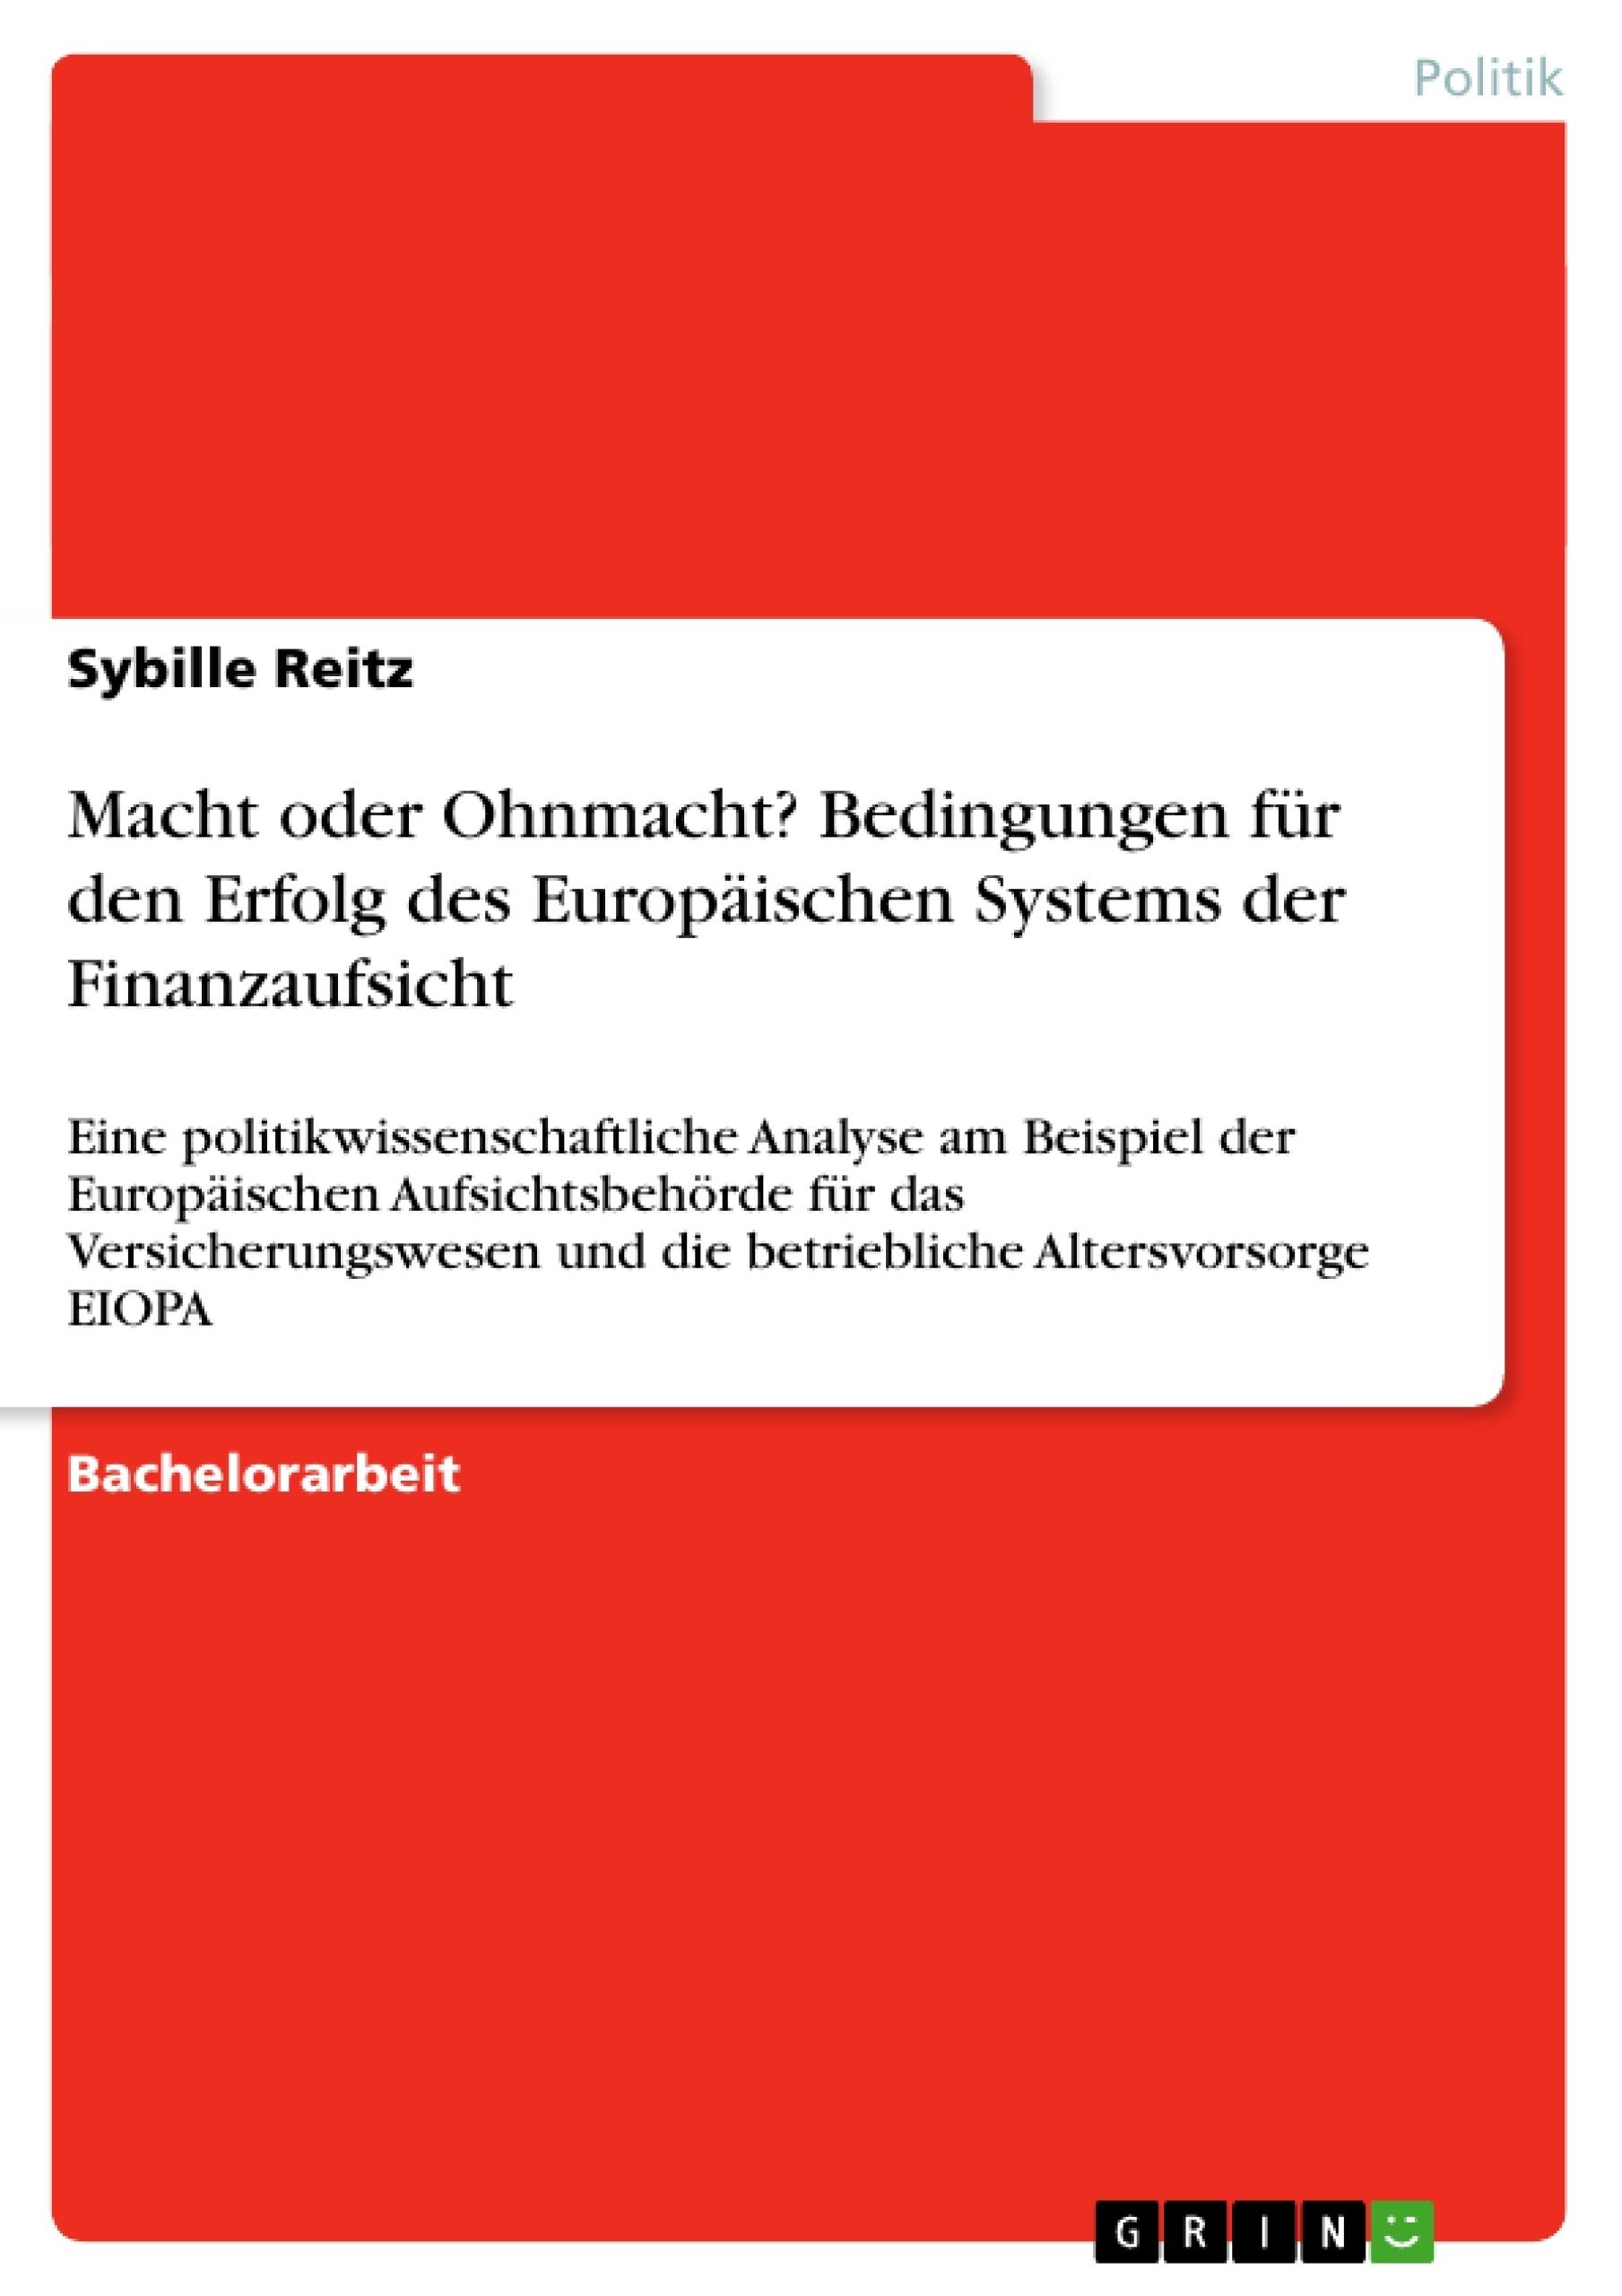 Titel: Macht oder Ohnmacht? Bedingungen für den Erfolg des Europäischen Systems der Finanzaufsicht